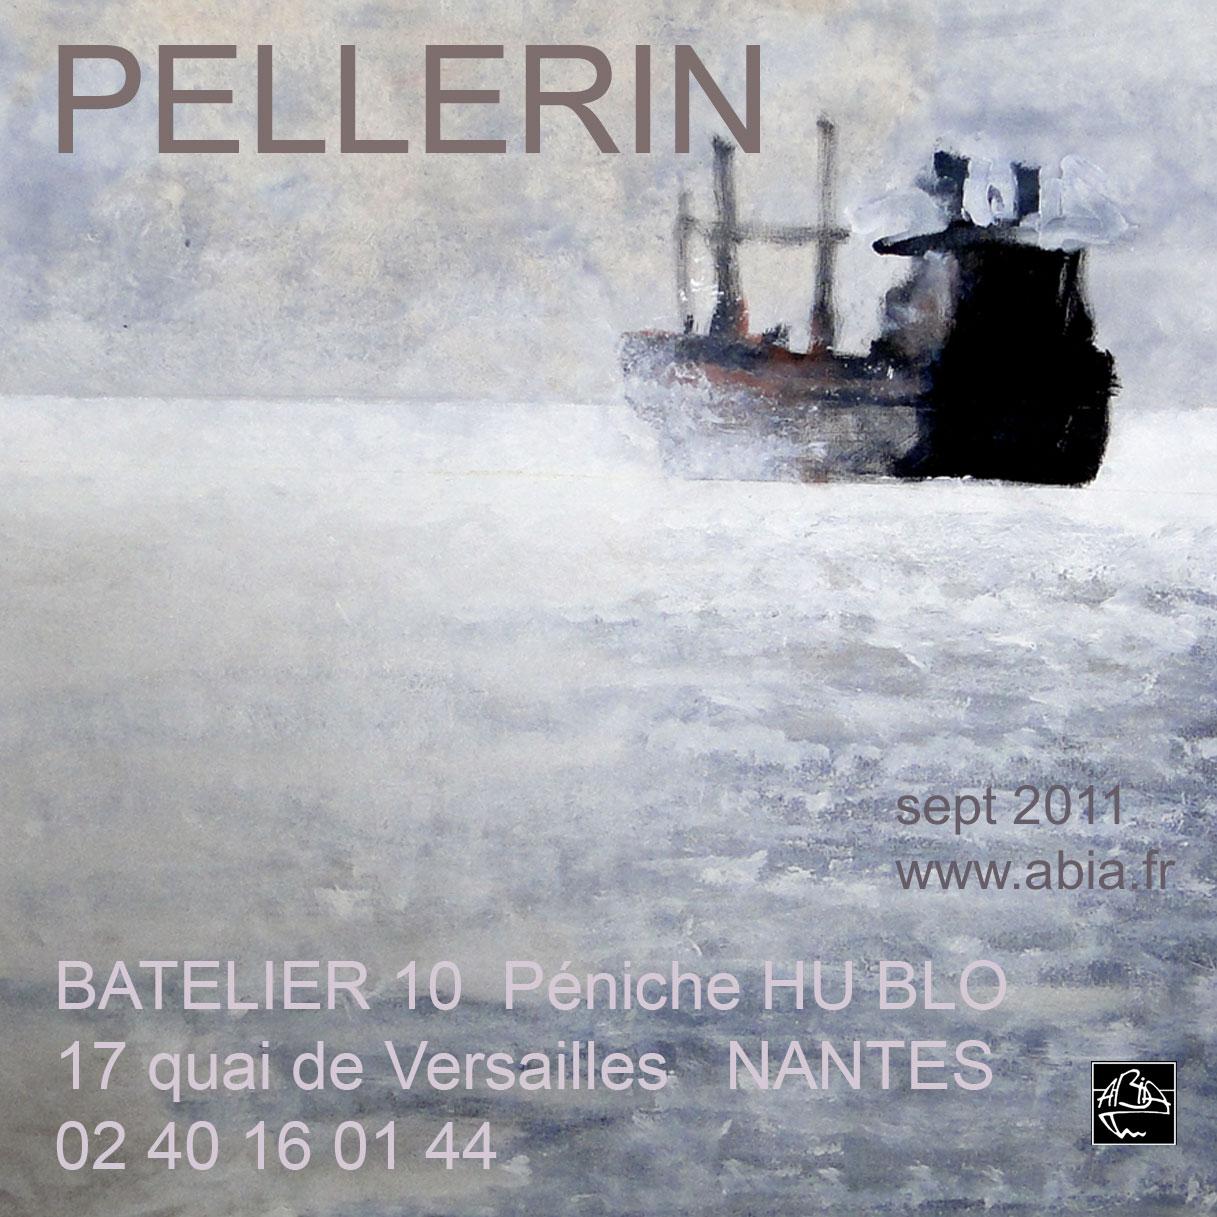 PELLERIN